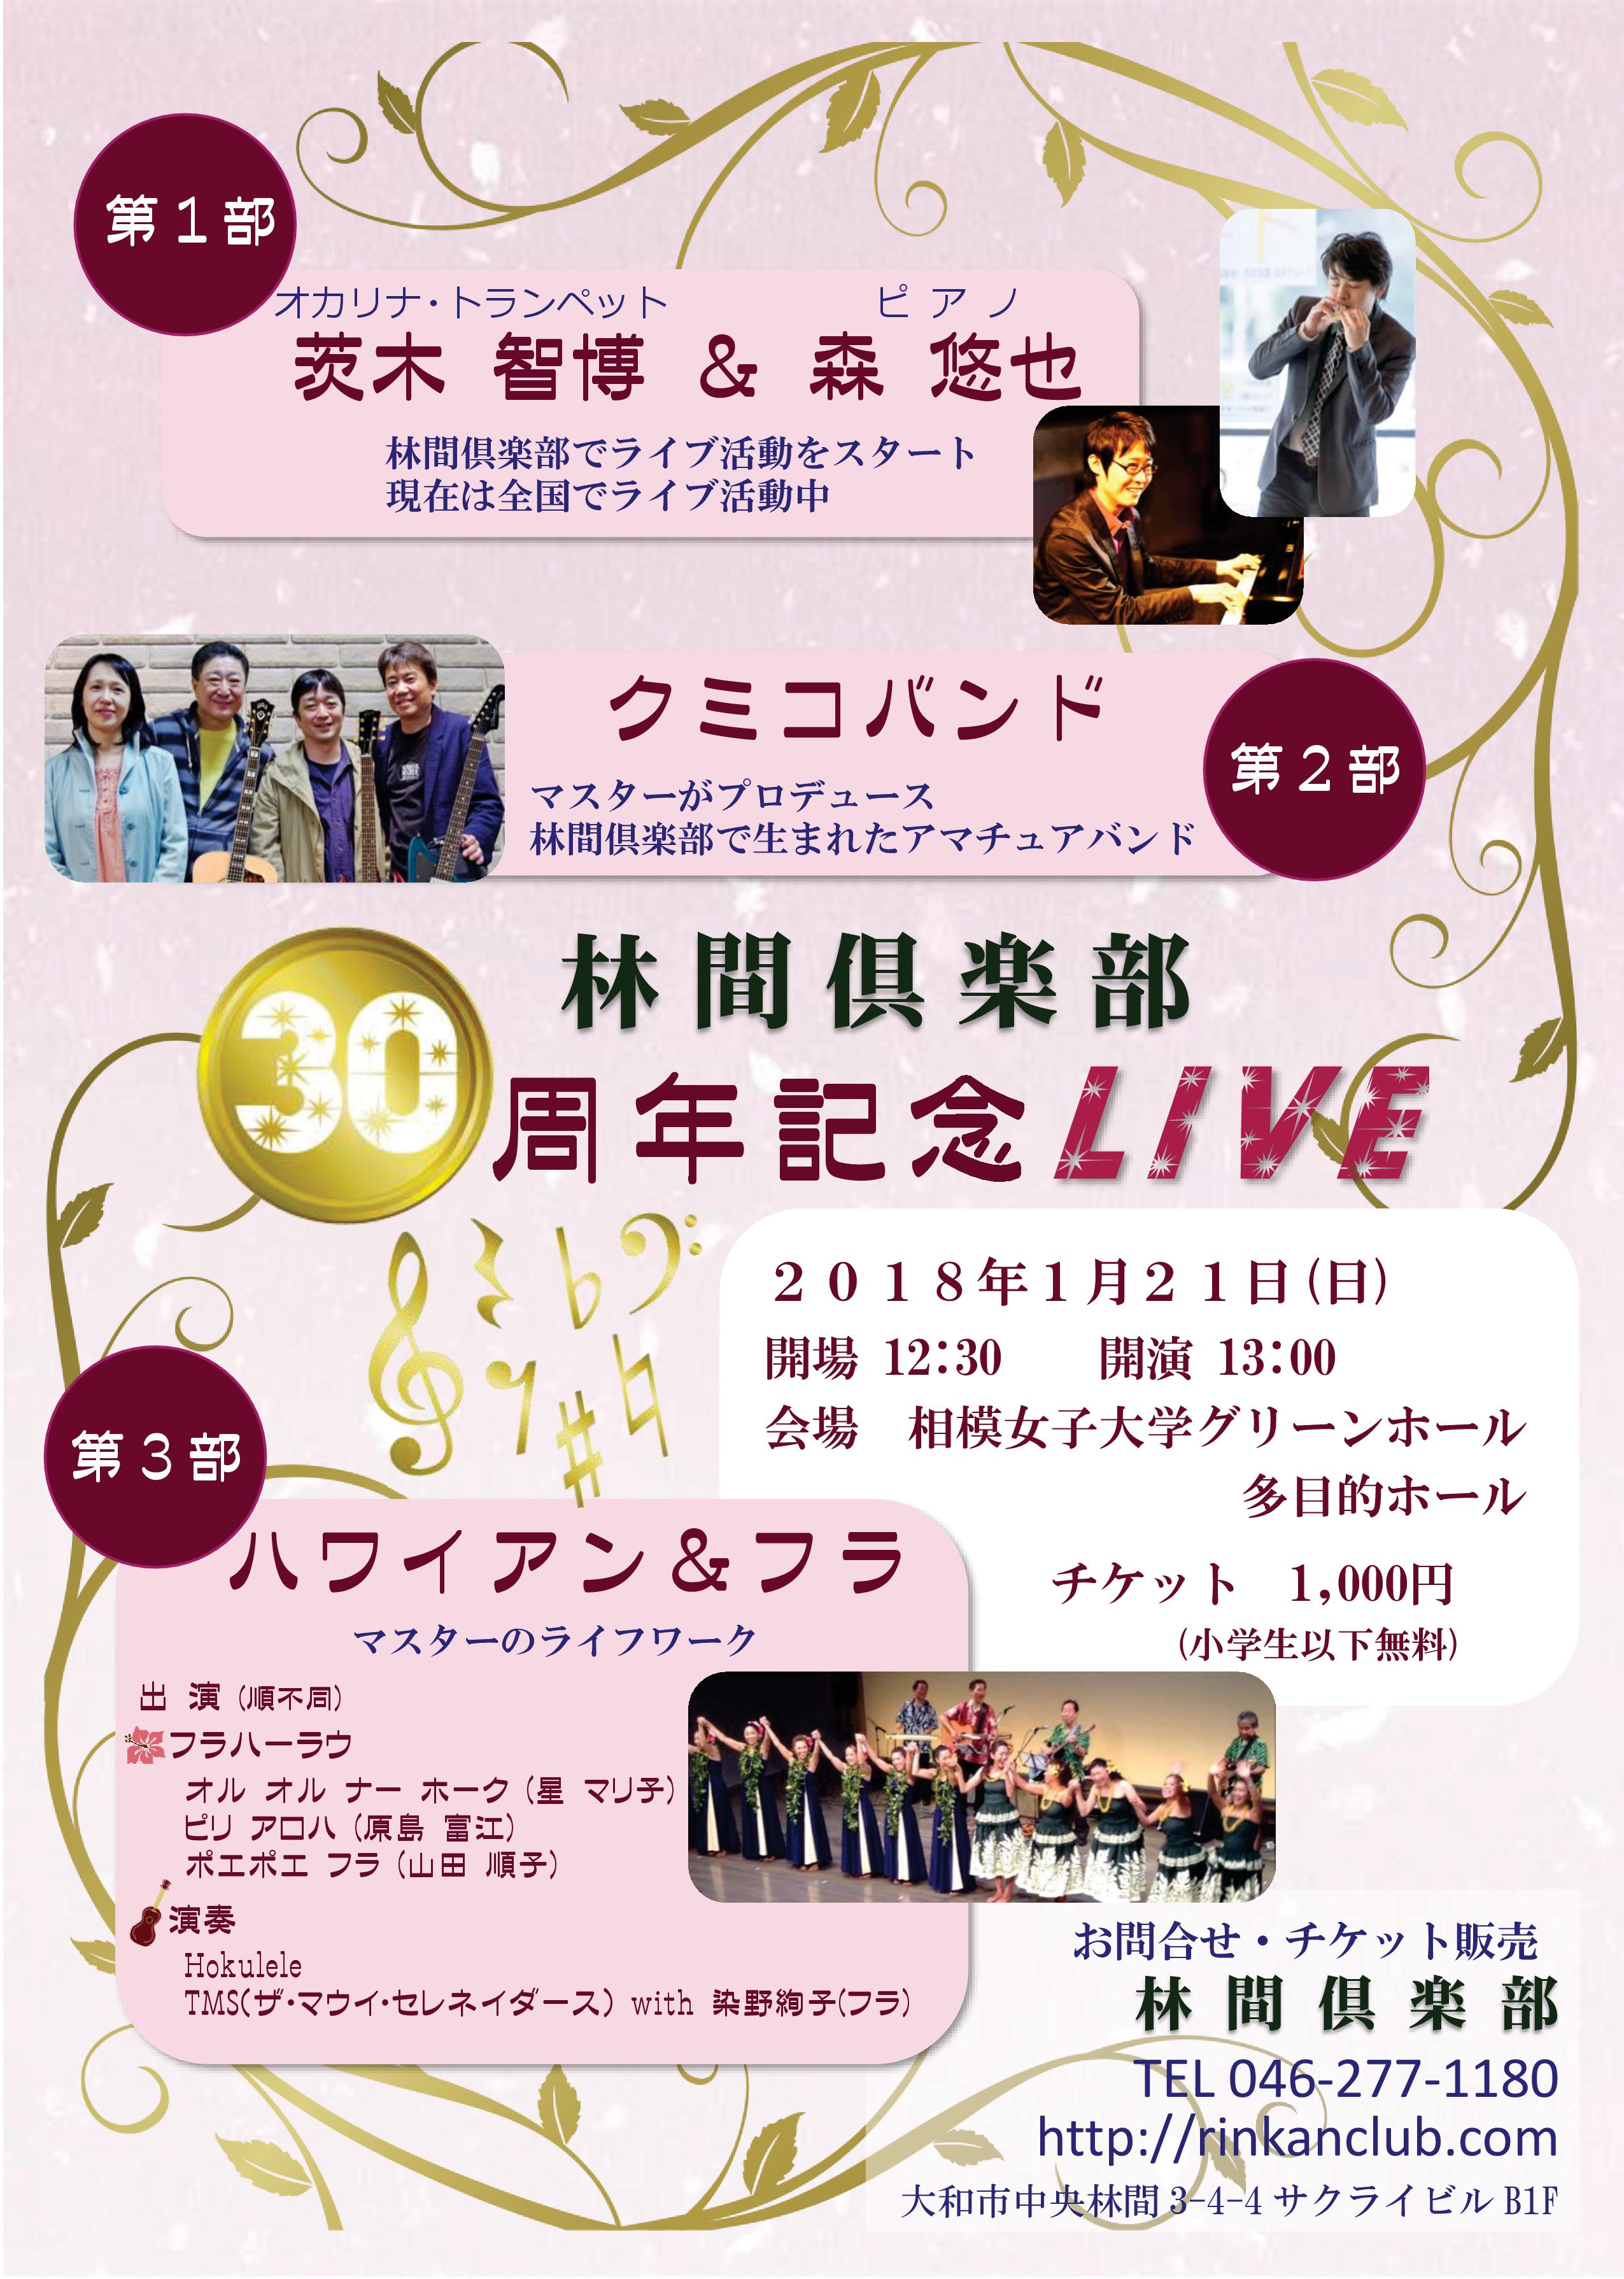 2018/1/21林間倶楽部30周年記念ライブ